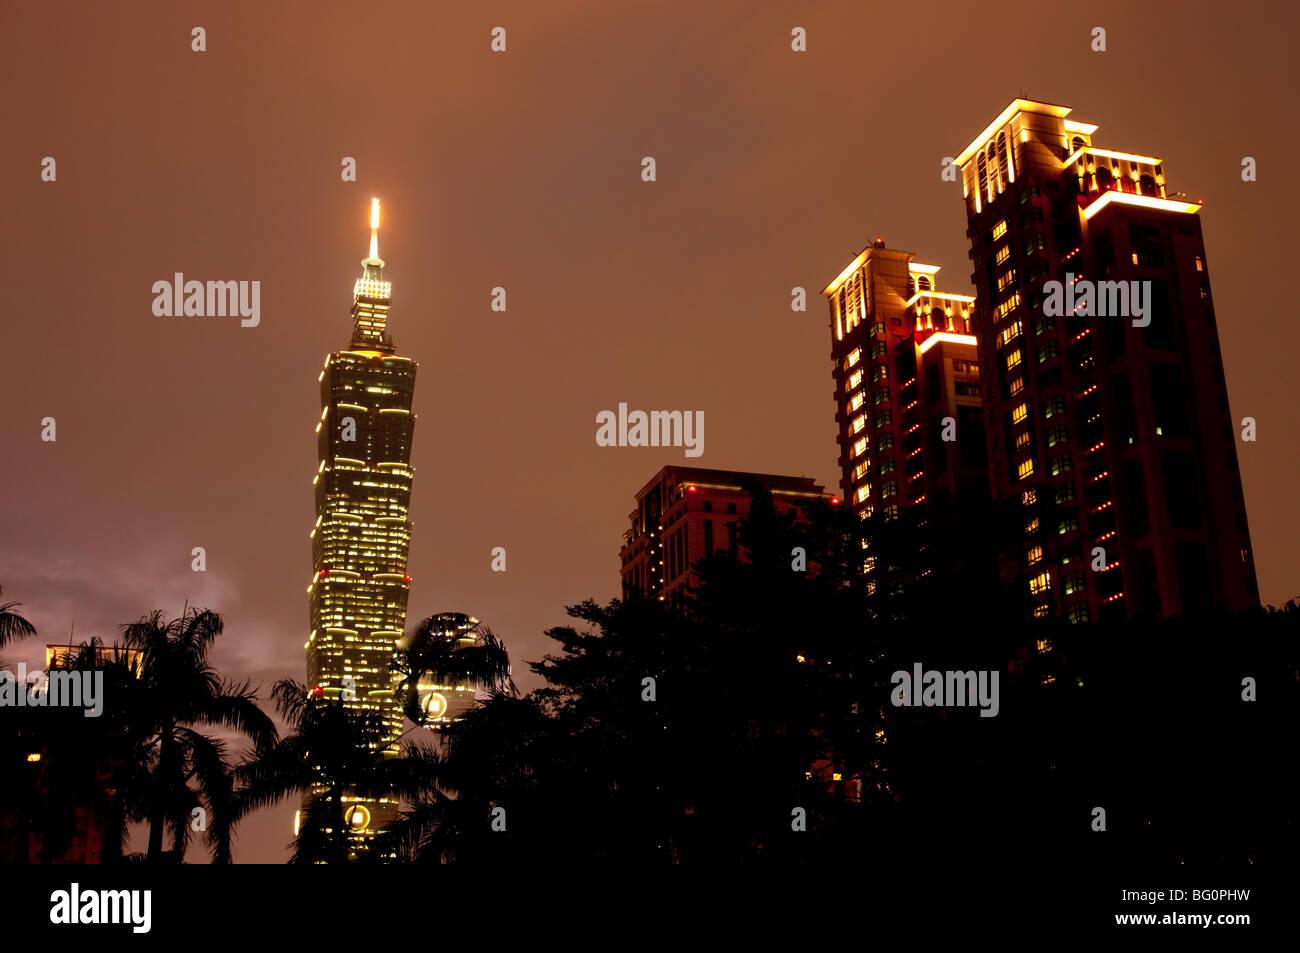 Taipei 101 at sunset, Taipei, Taiwan, Asia - Stock Image